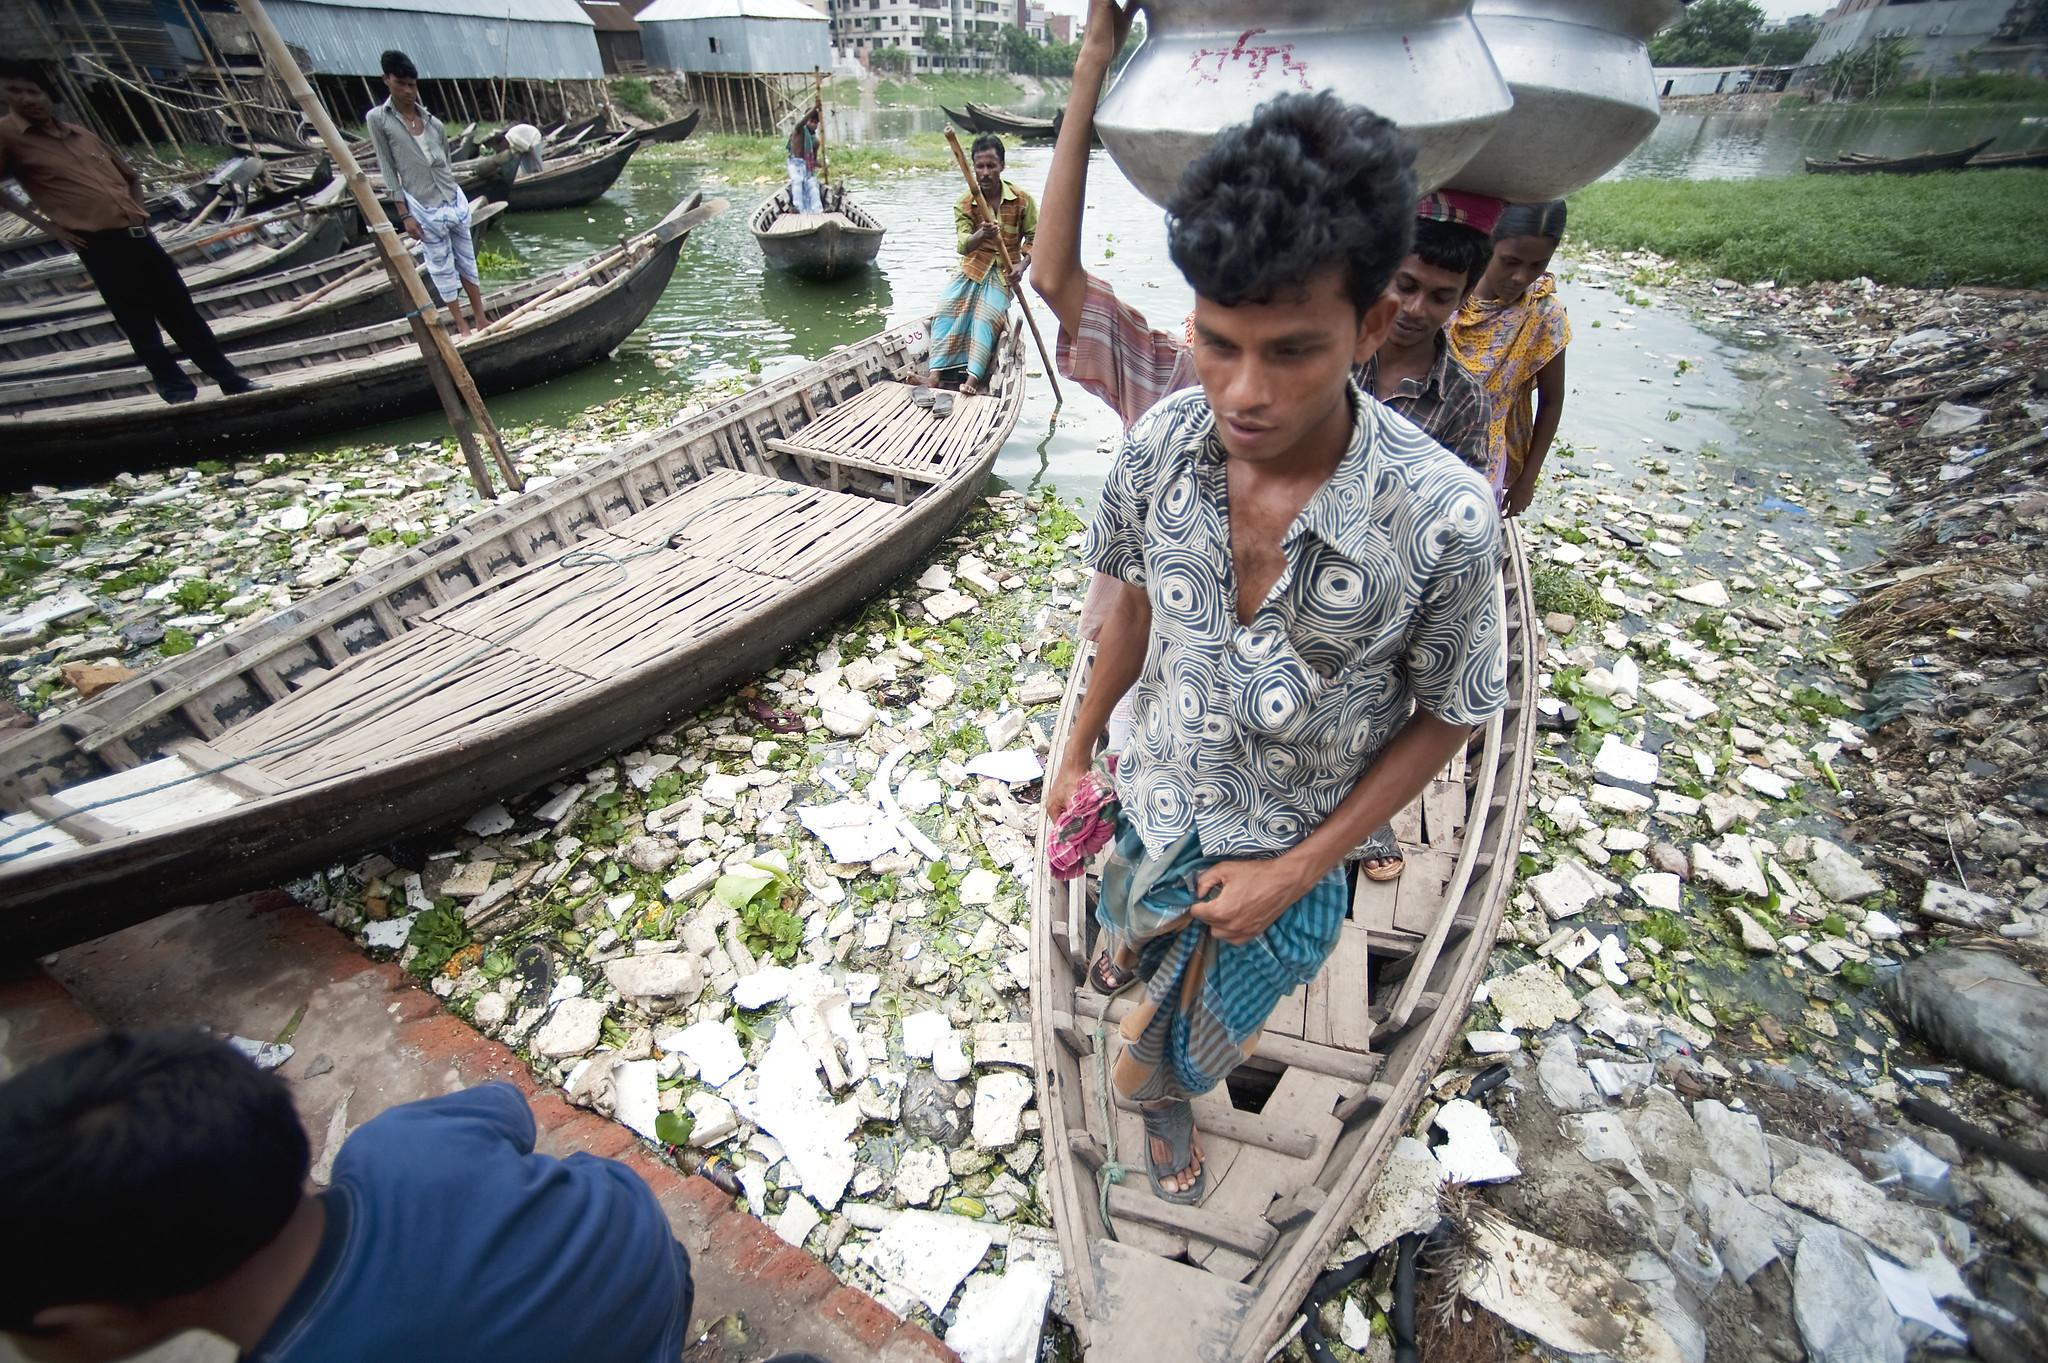 contaminated water in bangladesh slum is health hazard